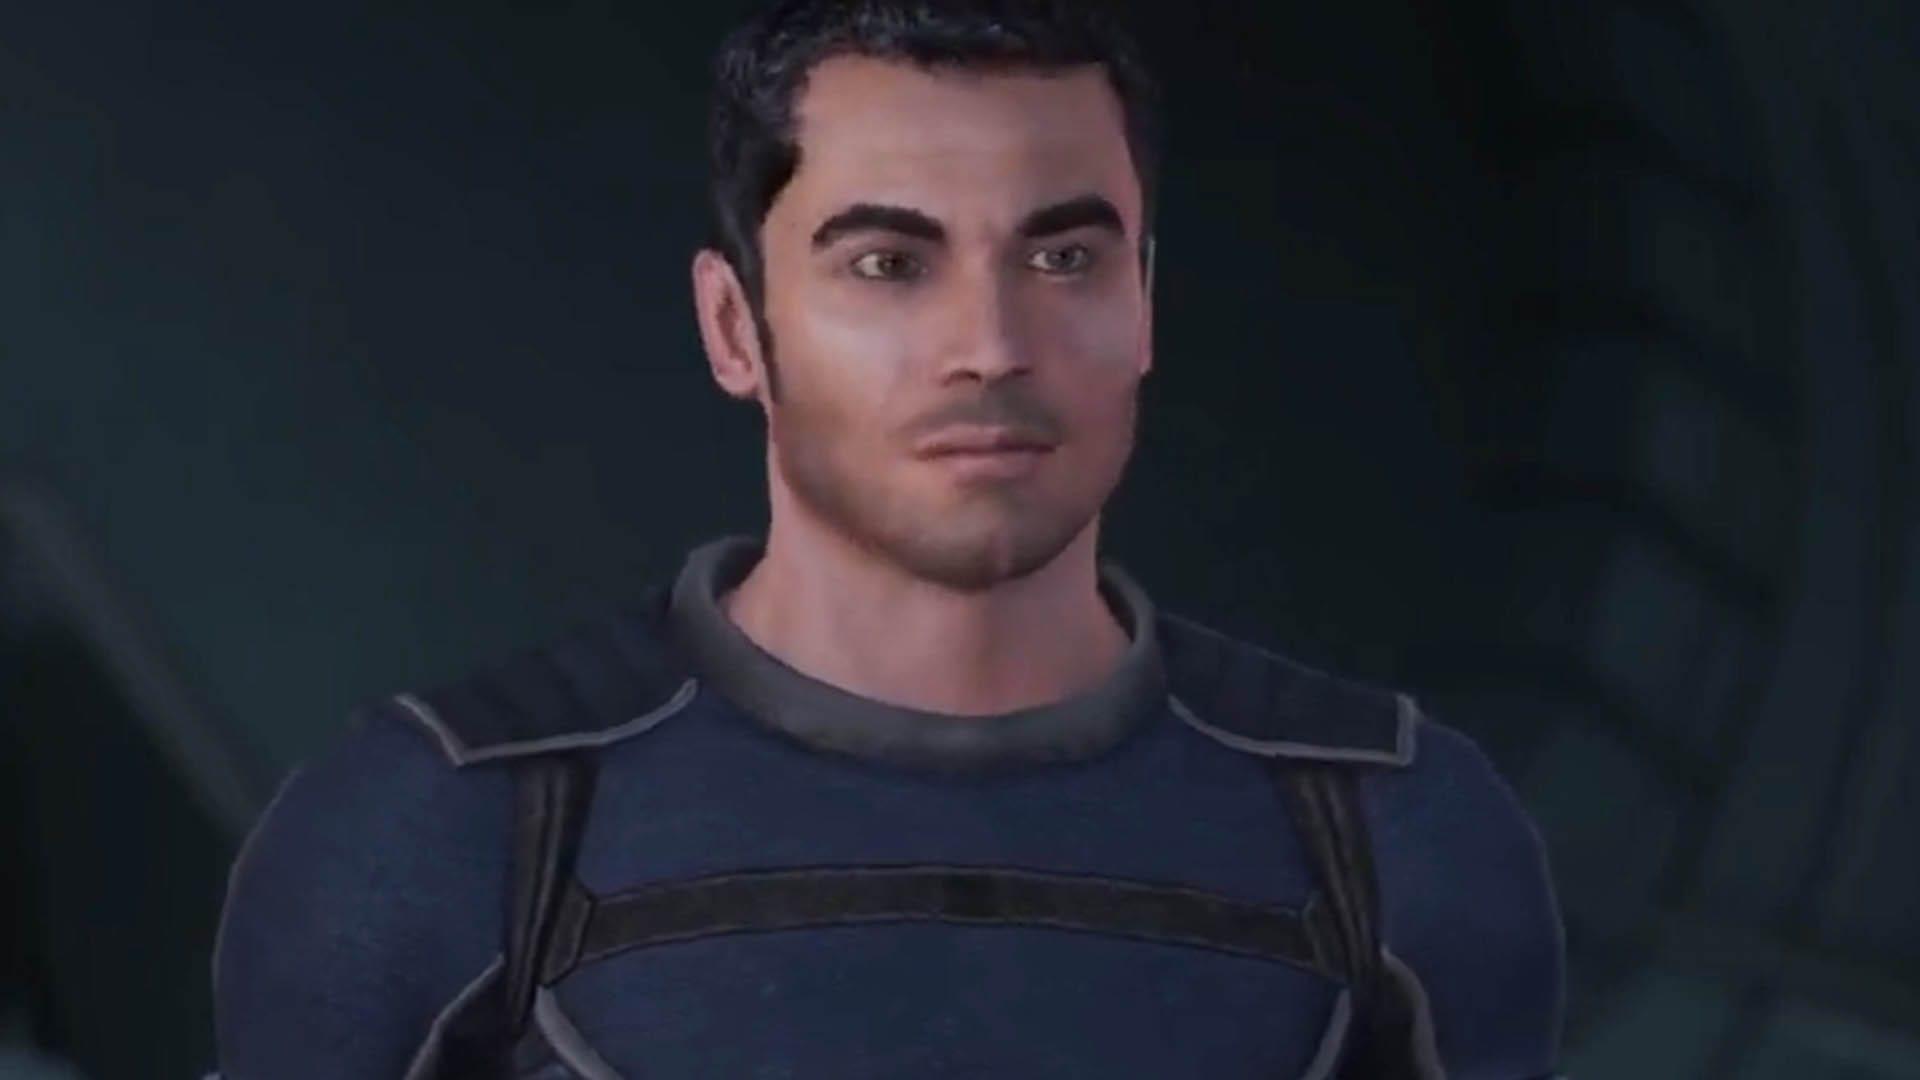 Mass Effect - Kaidan Alenko - Legendary Edition